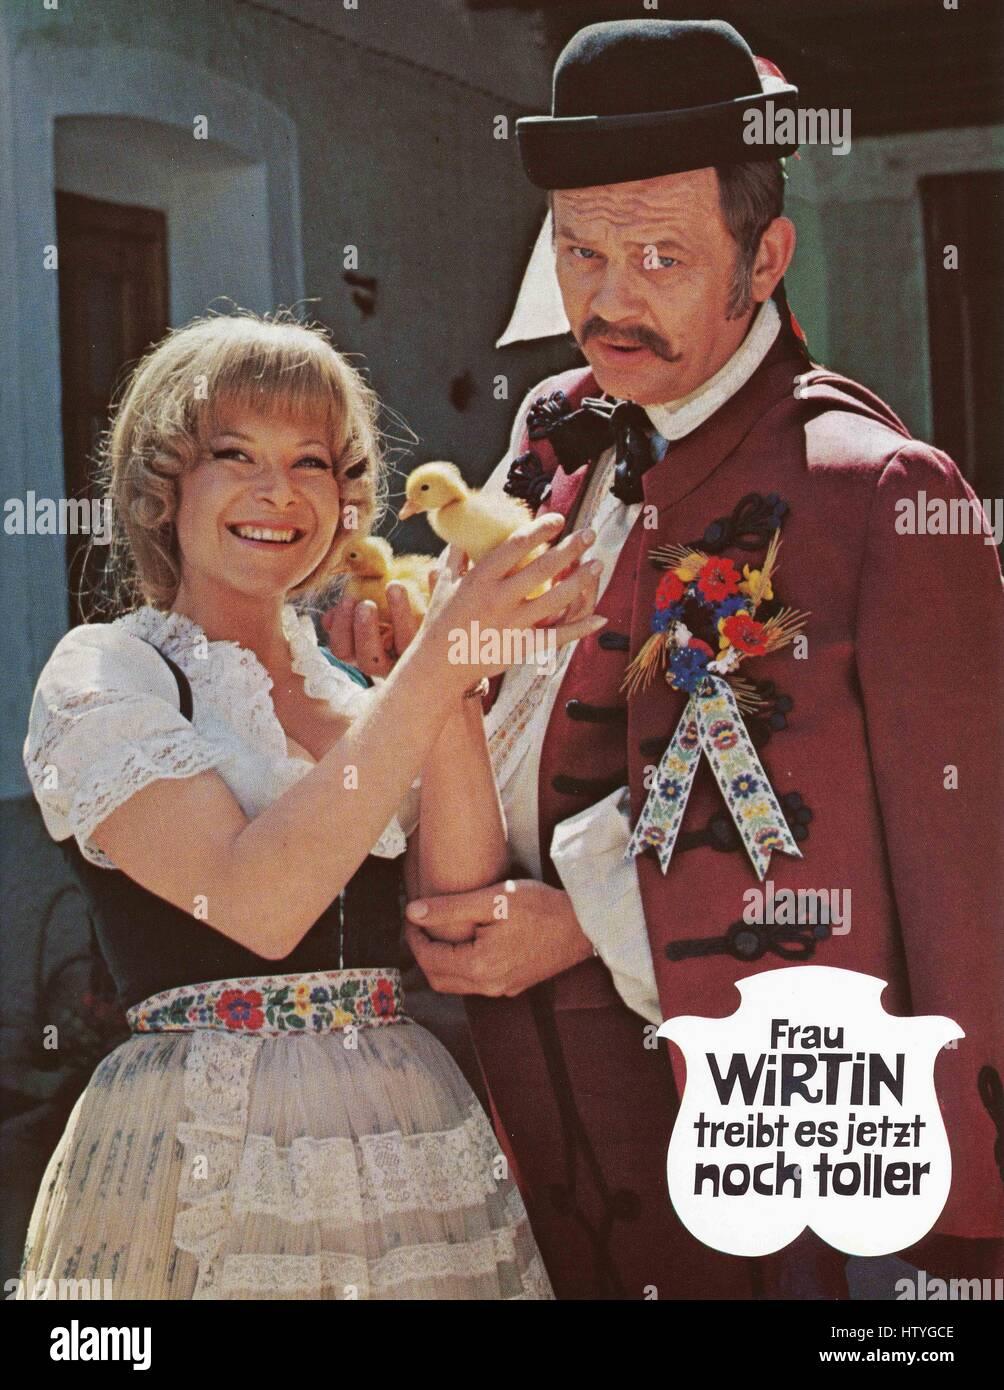 Frau Wirtin